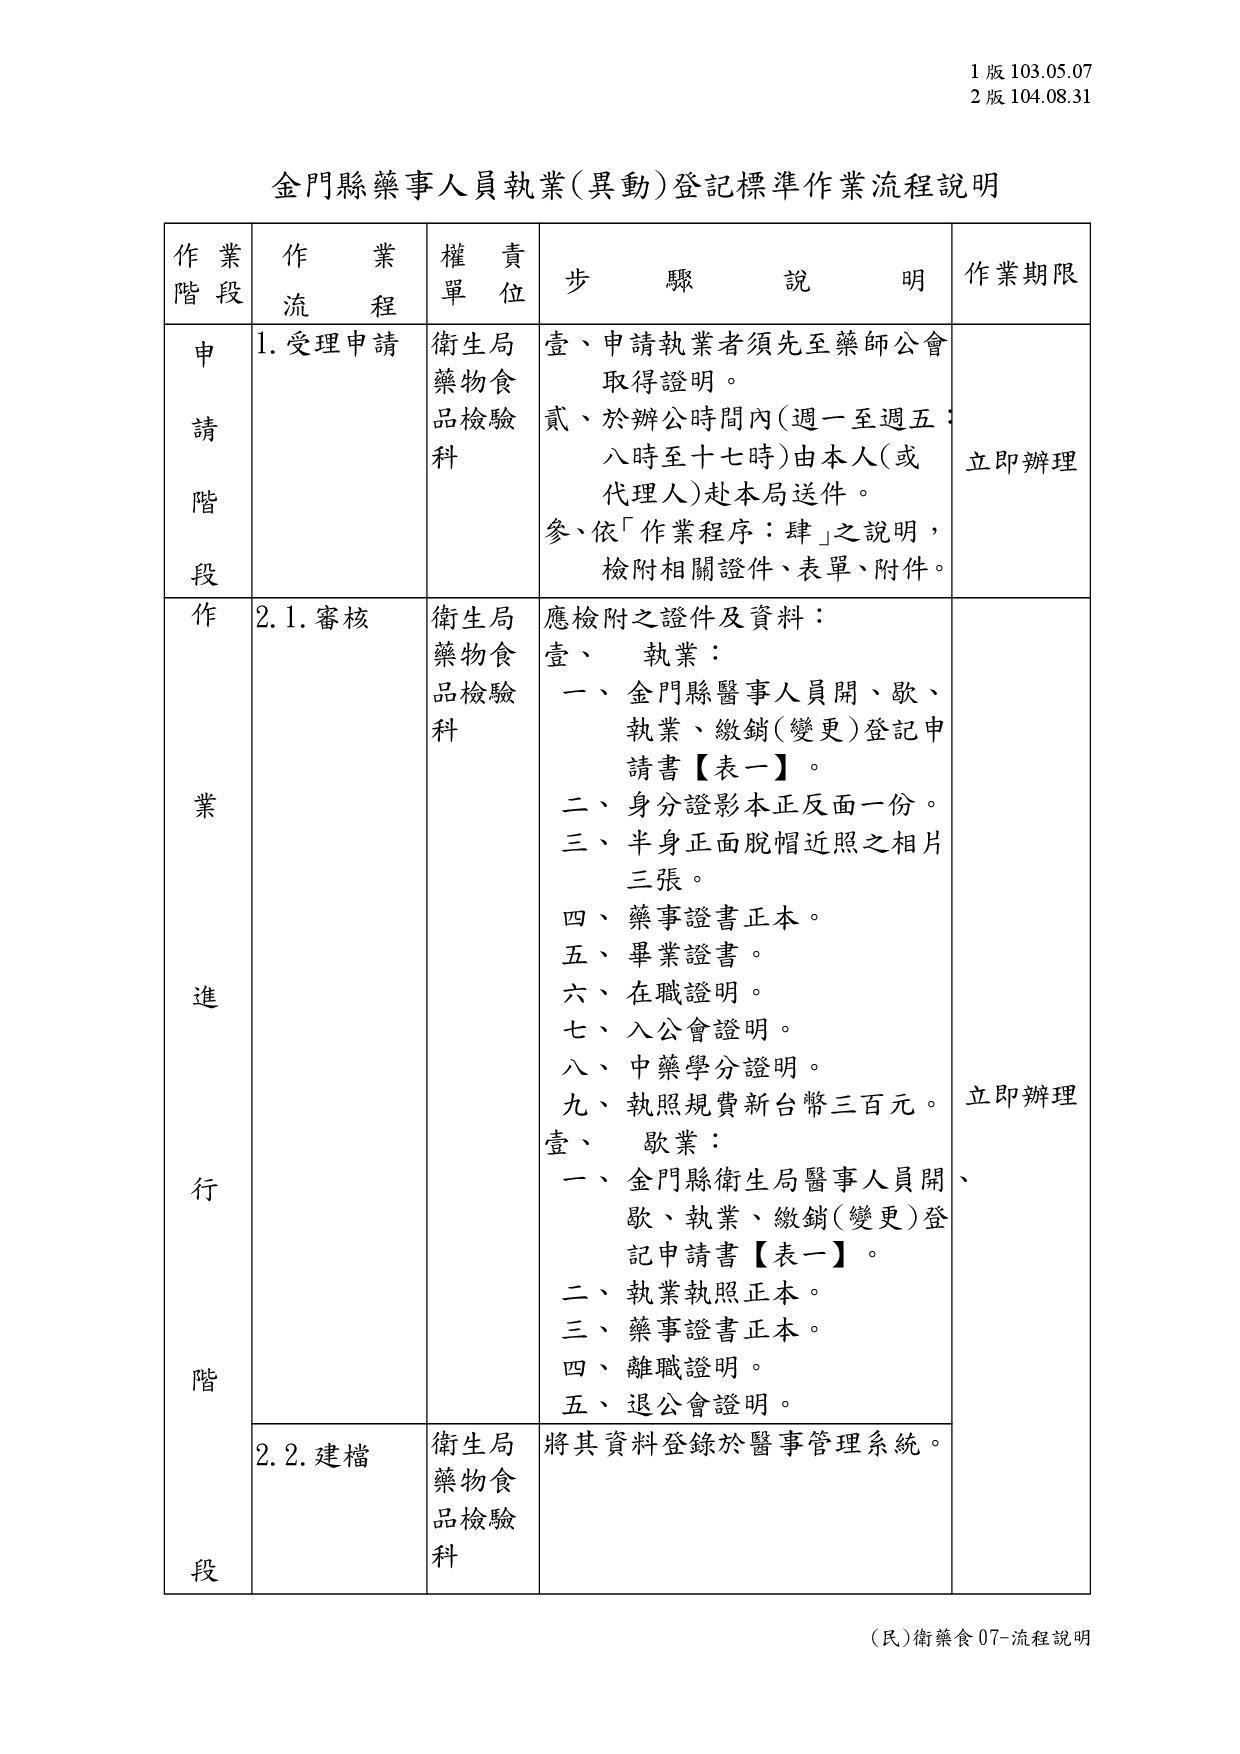 (民)衛藥食07-流程說明